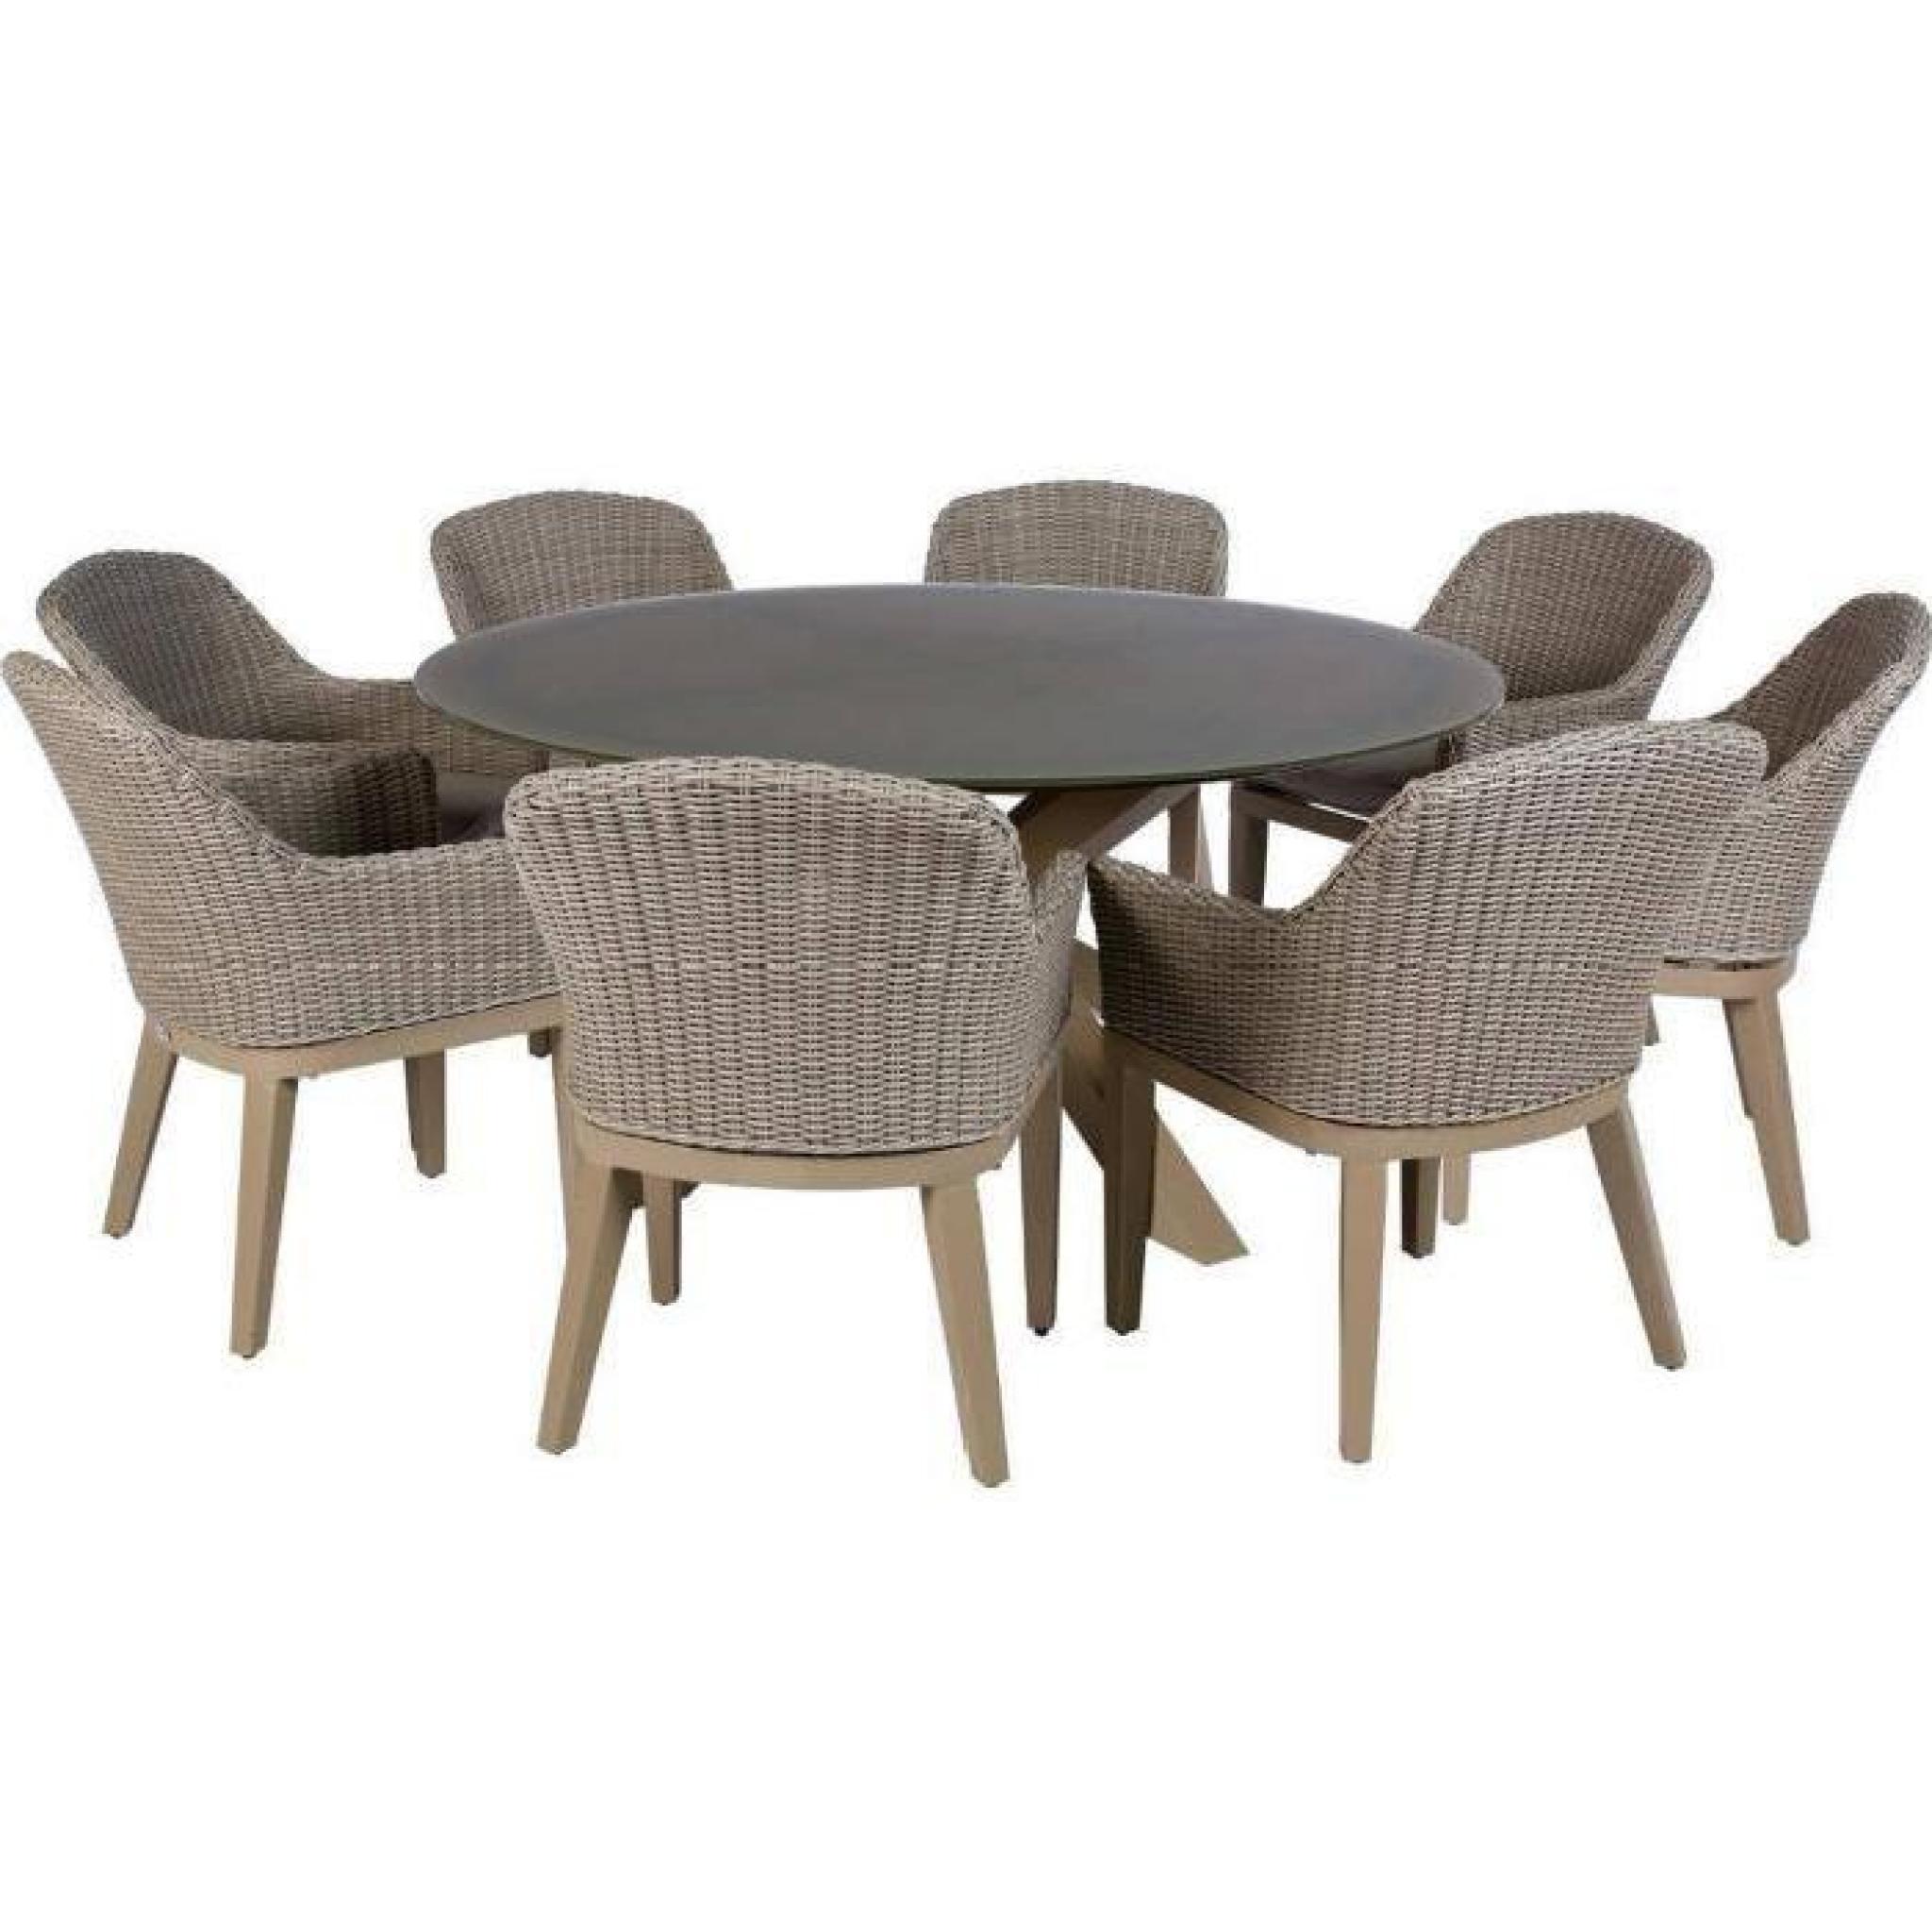 Table Ronde De Jardin En Aluminium Coloris Taupe - Dim : D 160 X H 75Cm pour Table Ronde Jardin Pas Cher